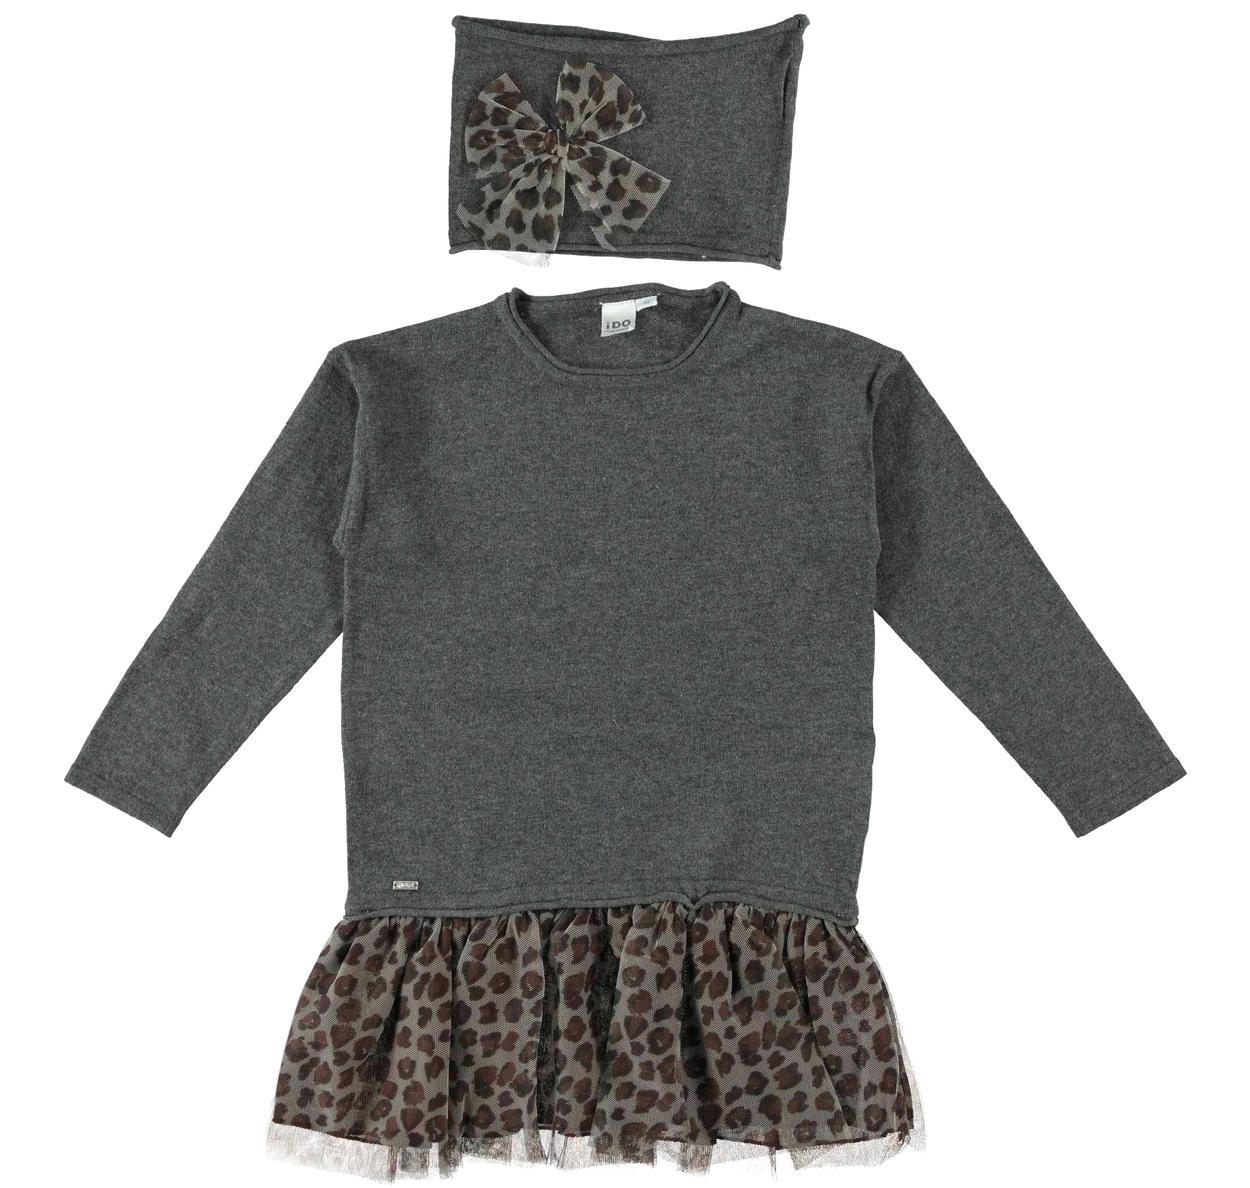 eab6f7ebcb5f Mini abito bambina misto cotone e lana vestibilità da 3 a 16 anni ...